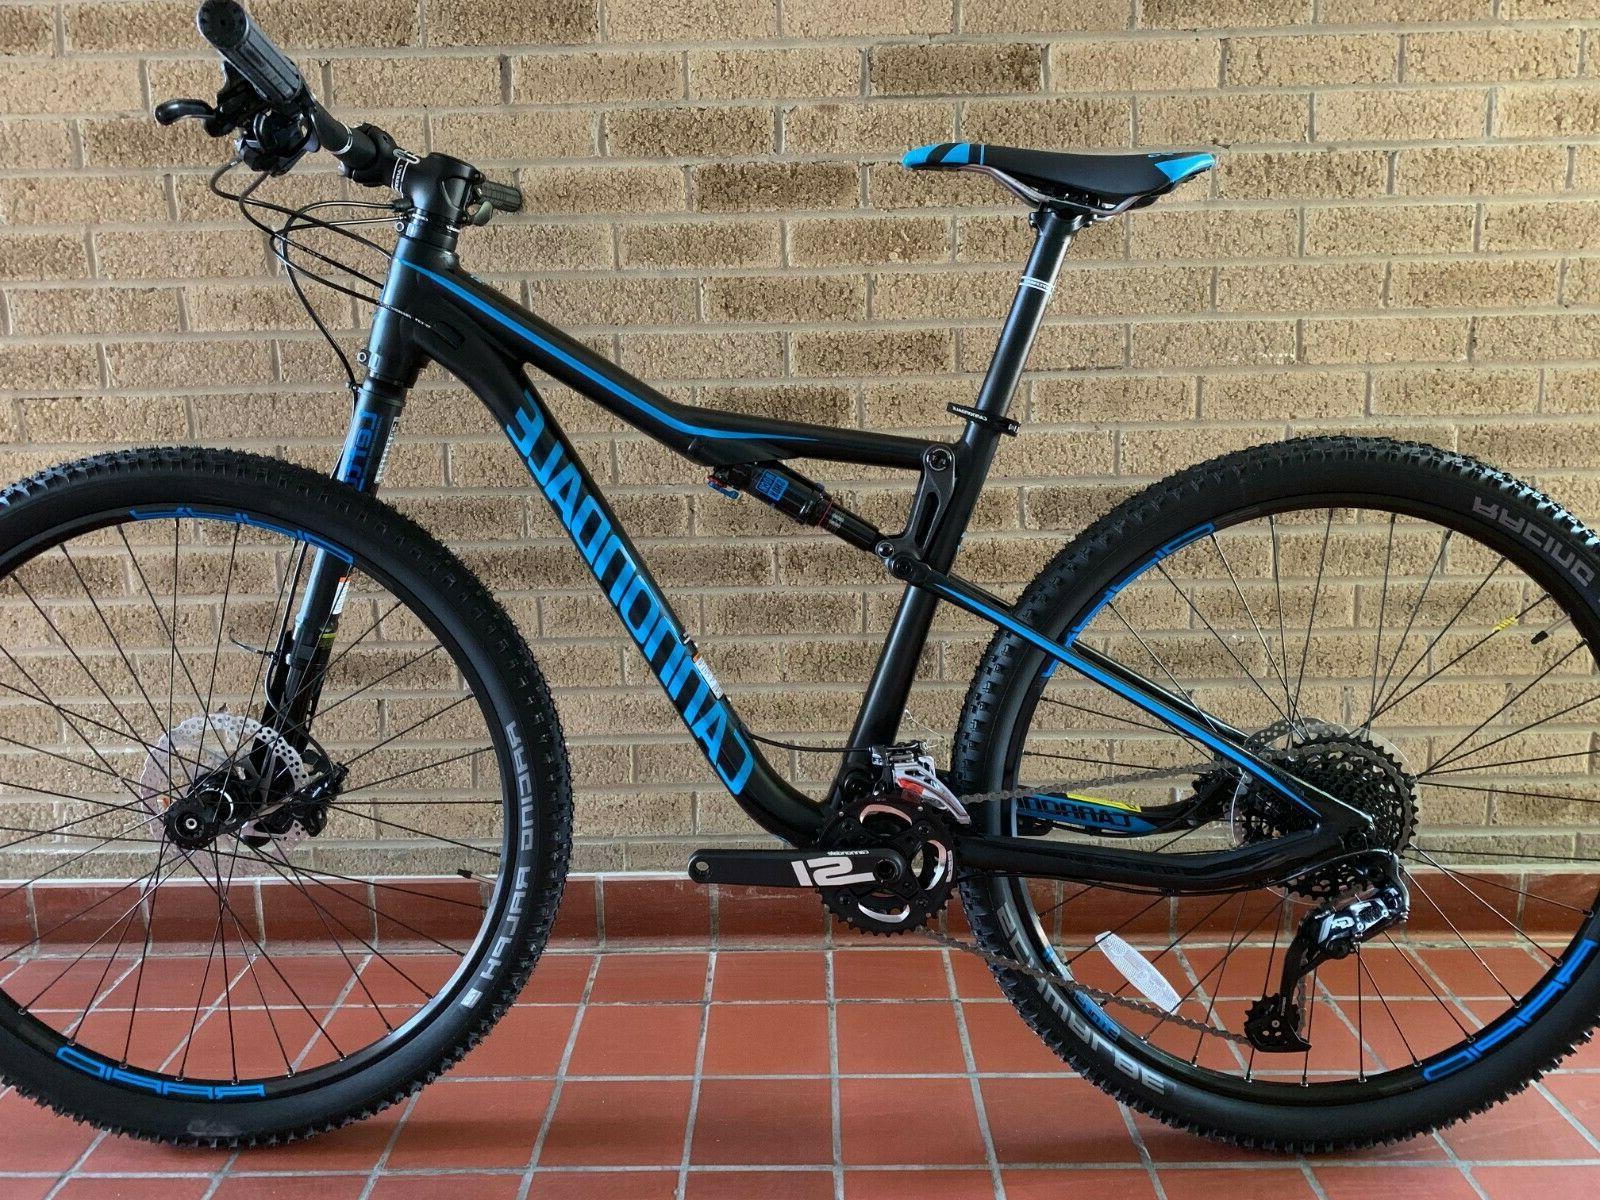 2018 scalpel si 5 29er mountain bike